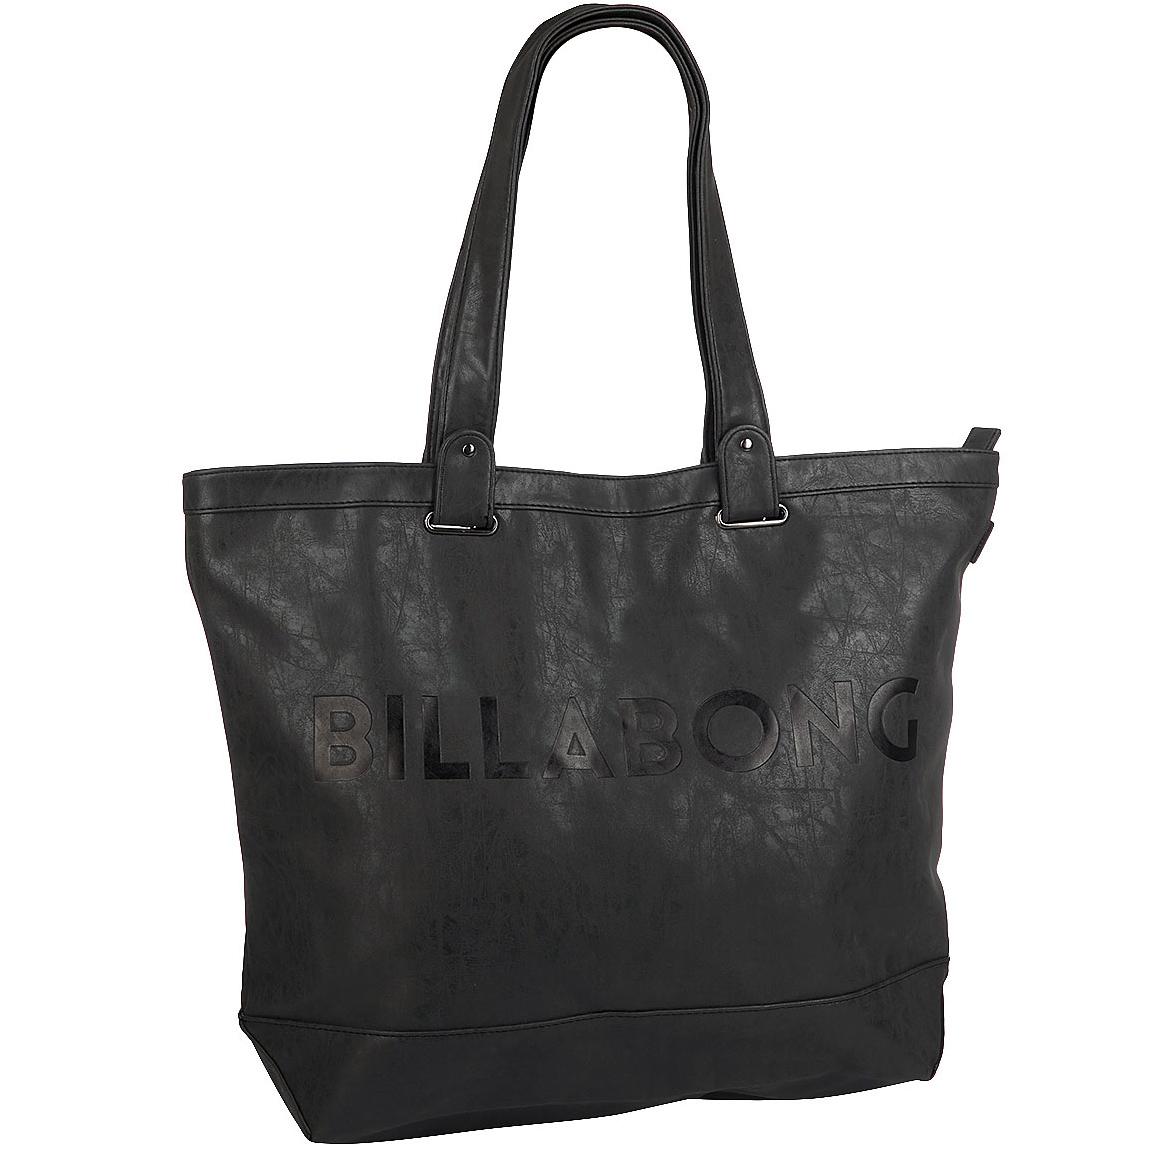 Сумка женская Billabong Essential Plus, цвет: черный, 25 л. Z9BG13Z9BG13Вместительная сумка с простой внутренней организацией. Лаконичный крой, дополненный внутренним карманом на молнии, который позволит быстро находить необходимые мелочи, позволит вместить множество вещей.